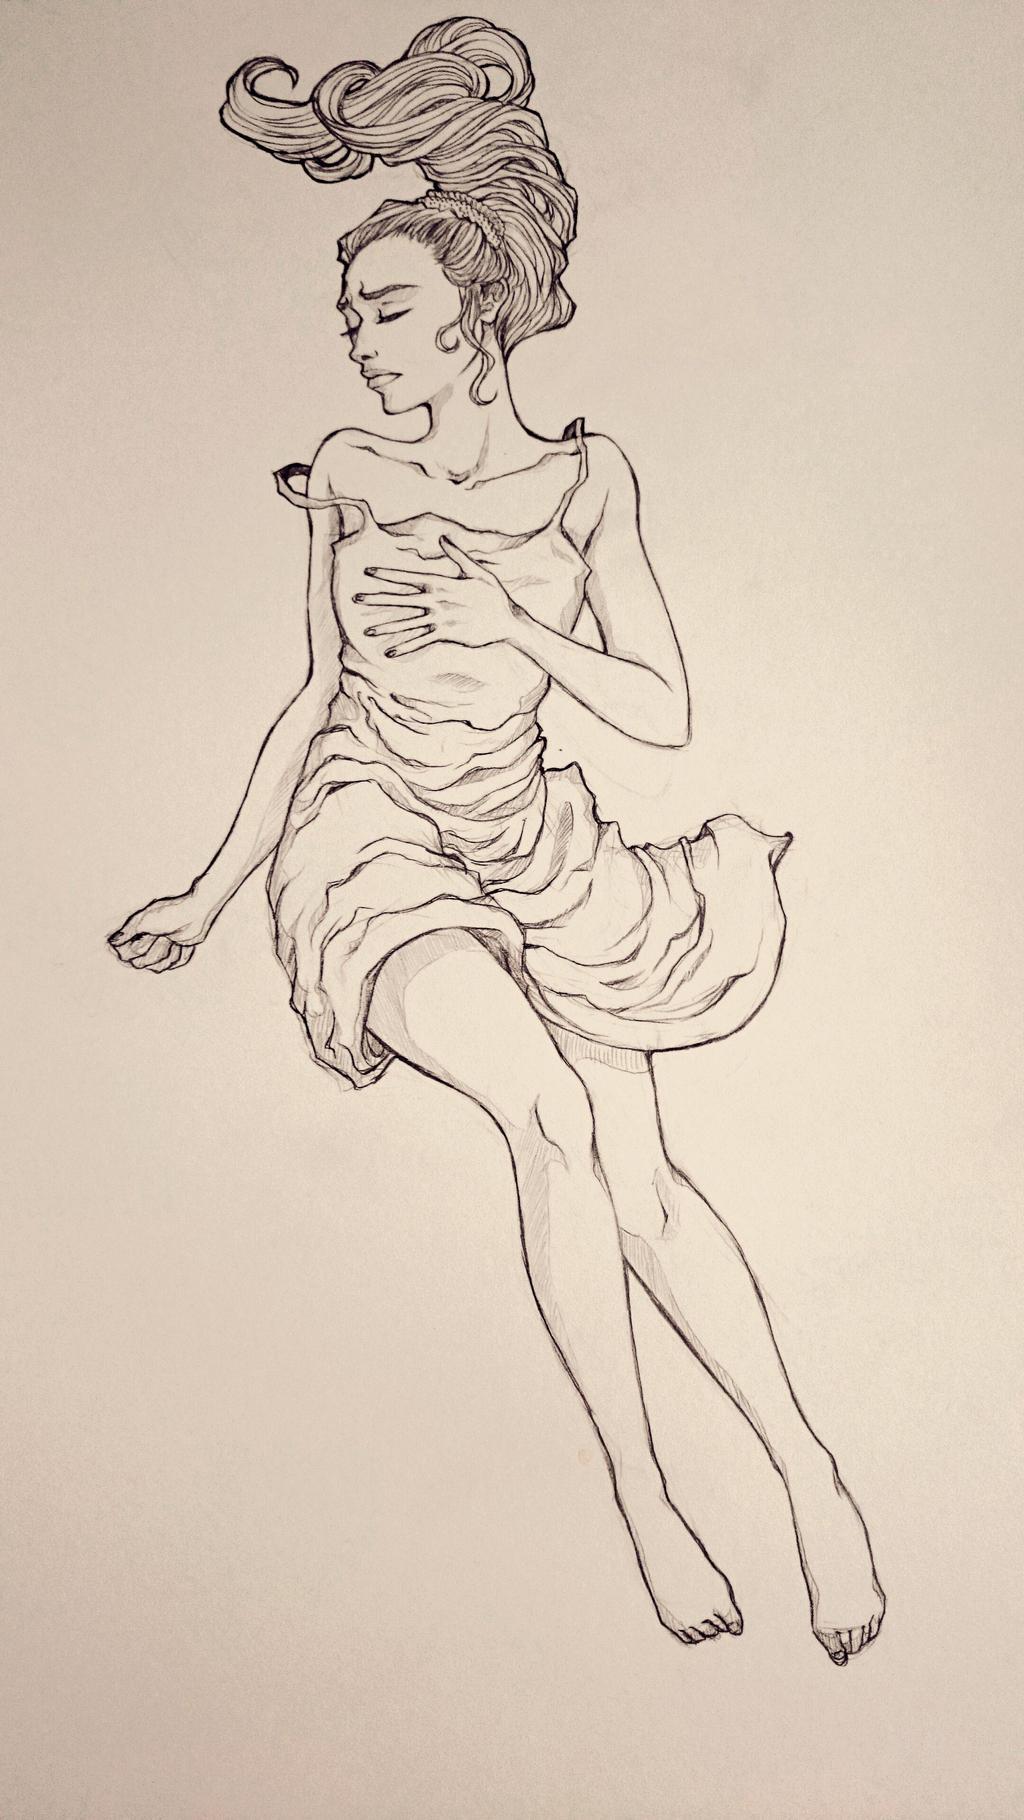 Pain  by Jizebelle